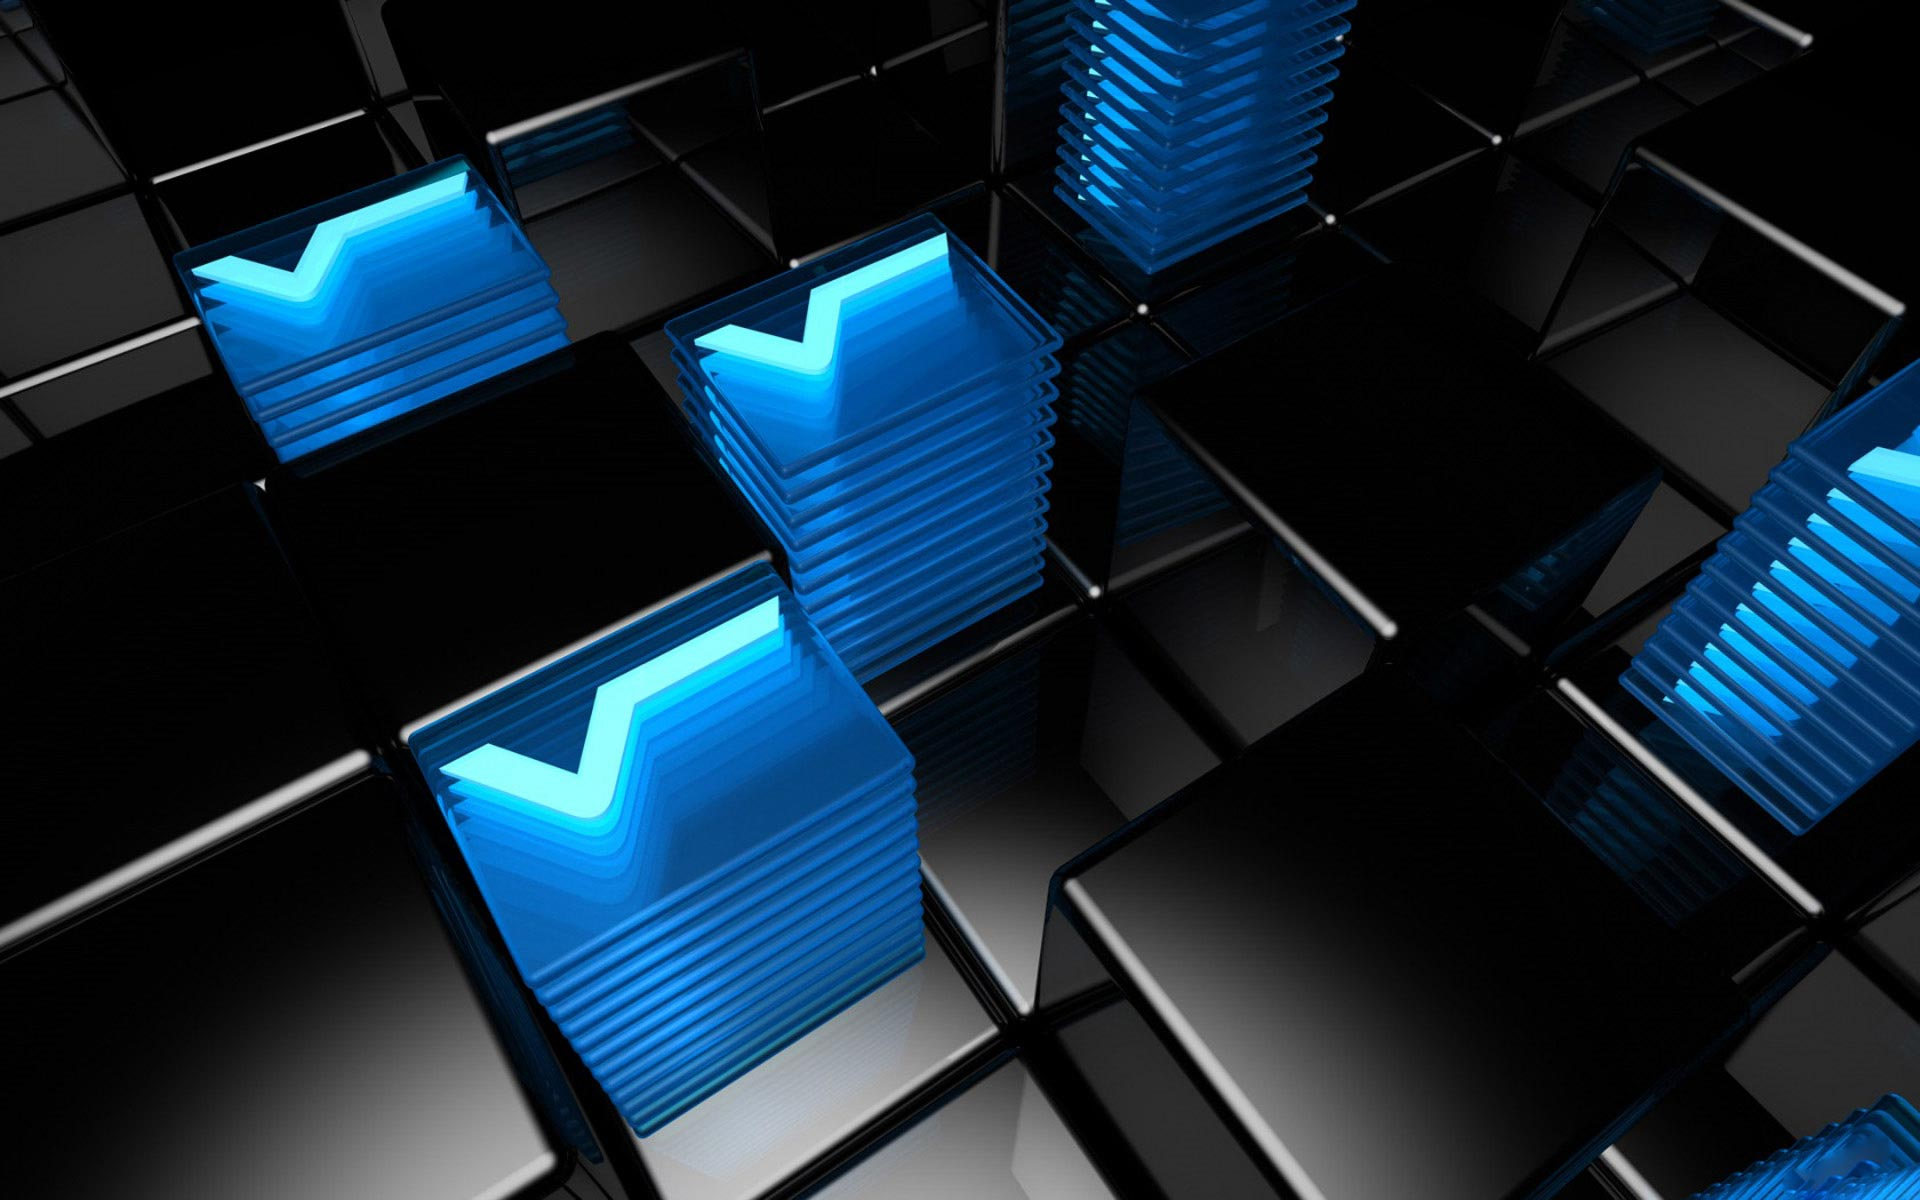 Blue 3D Abstract Desktop Backgrounds 1920x1200